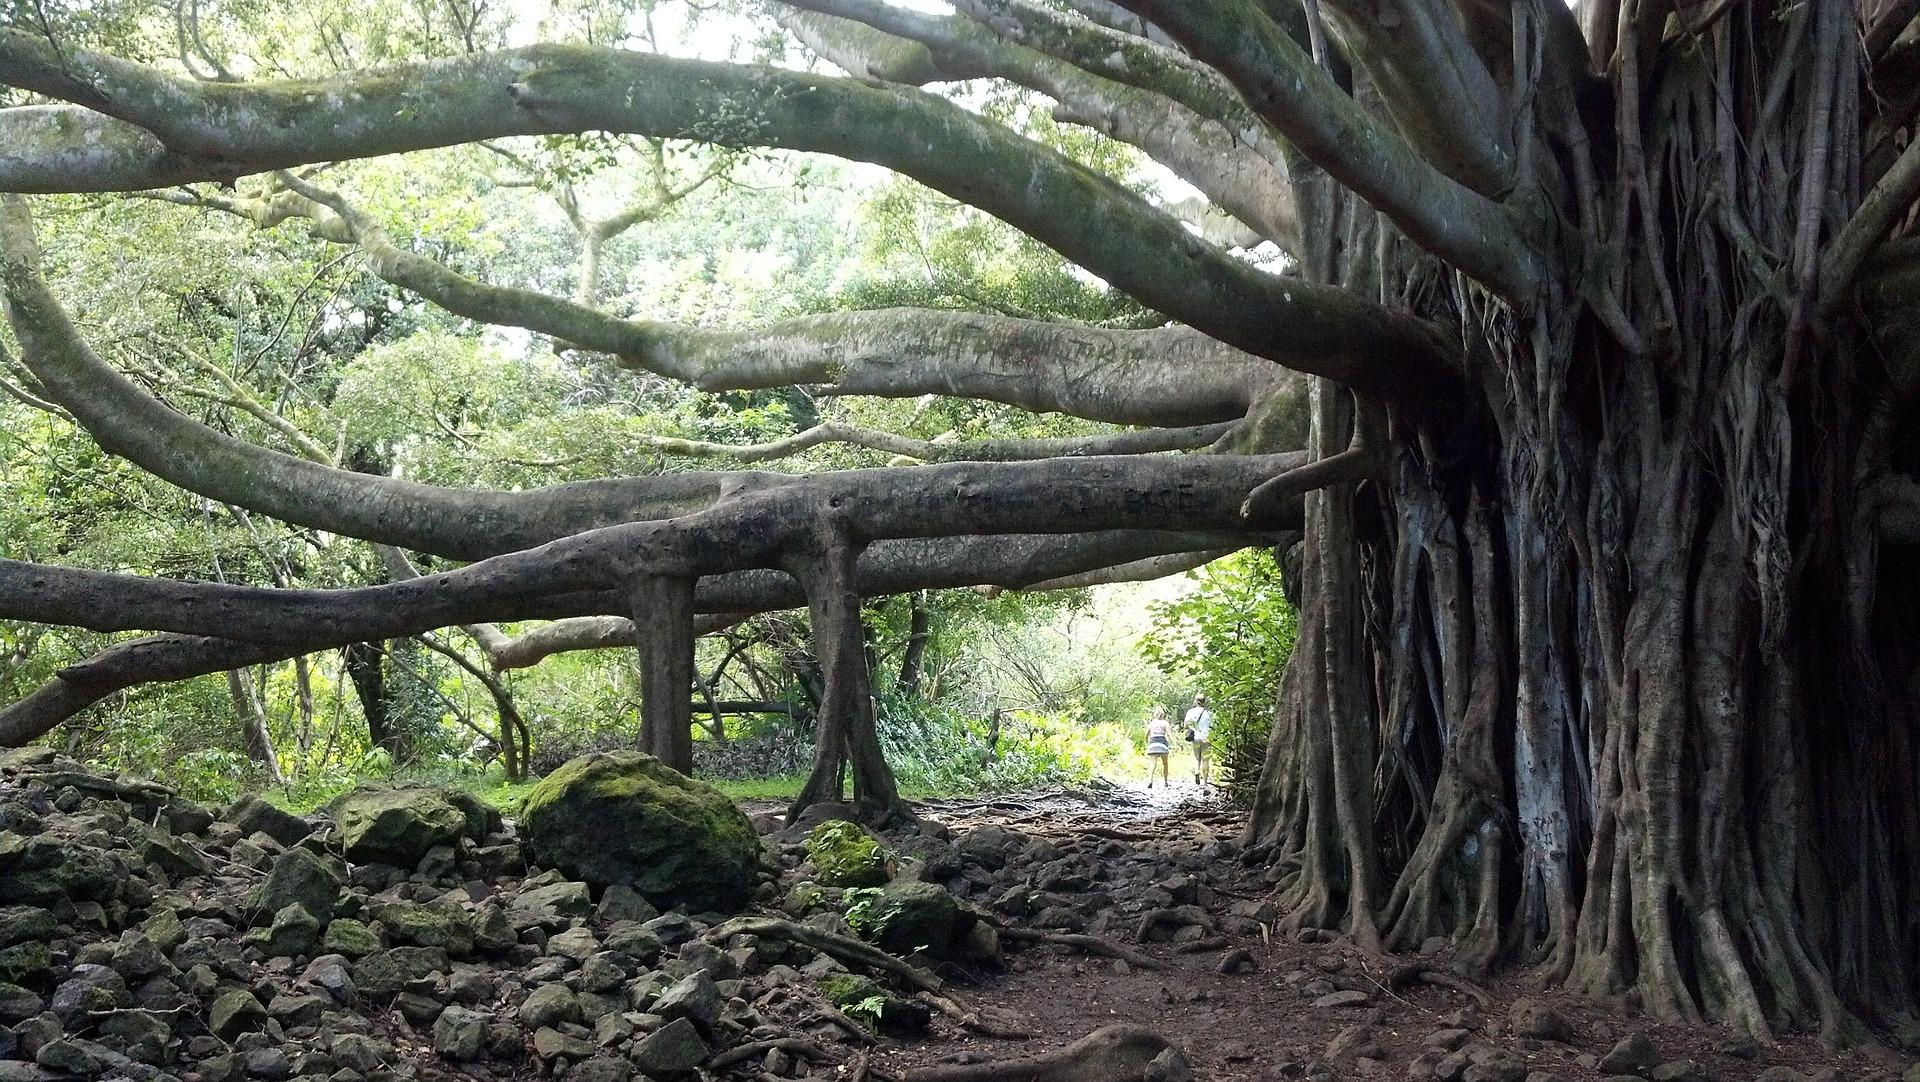 1598f136 maui banyan tree - インスタで見つけた、ハワイはマウイ島の魅力を存分に見せてくれるフォトグラファー7人